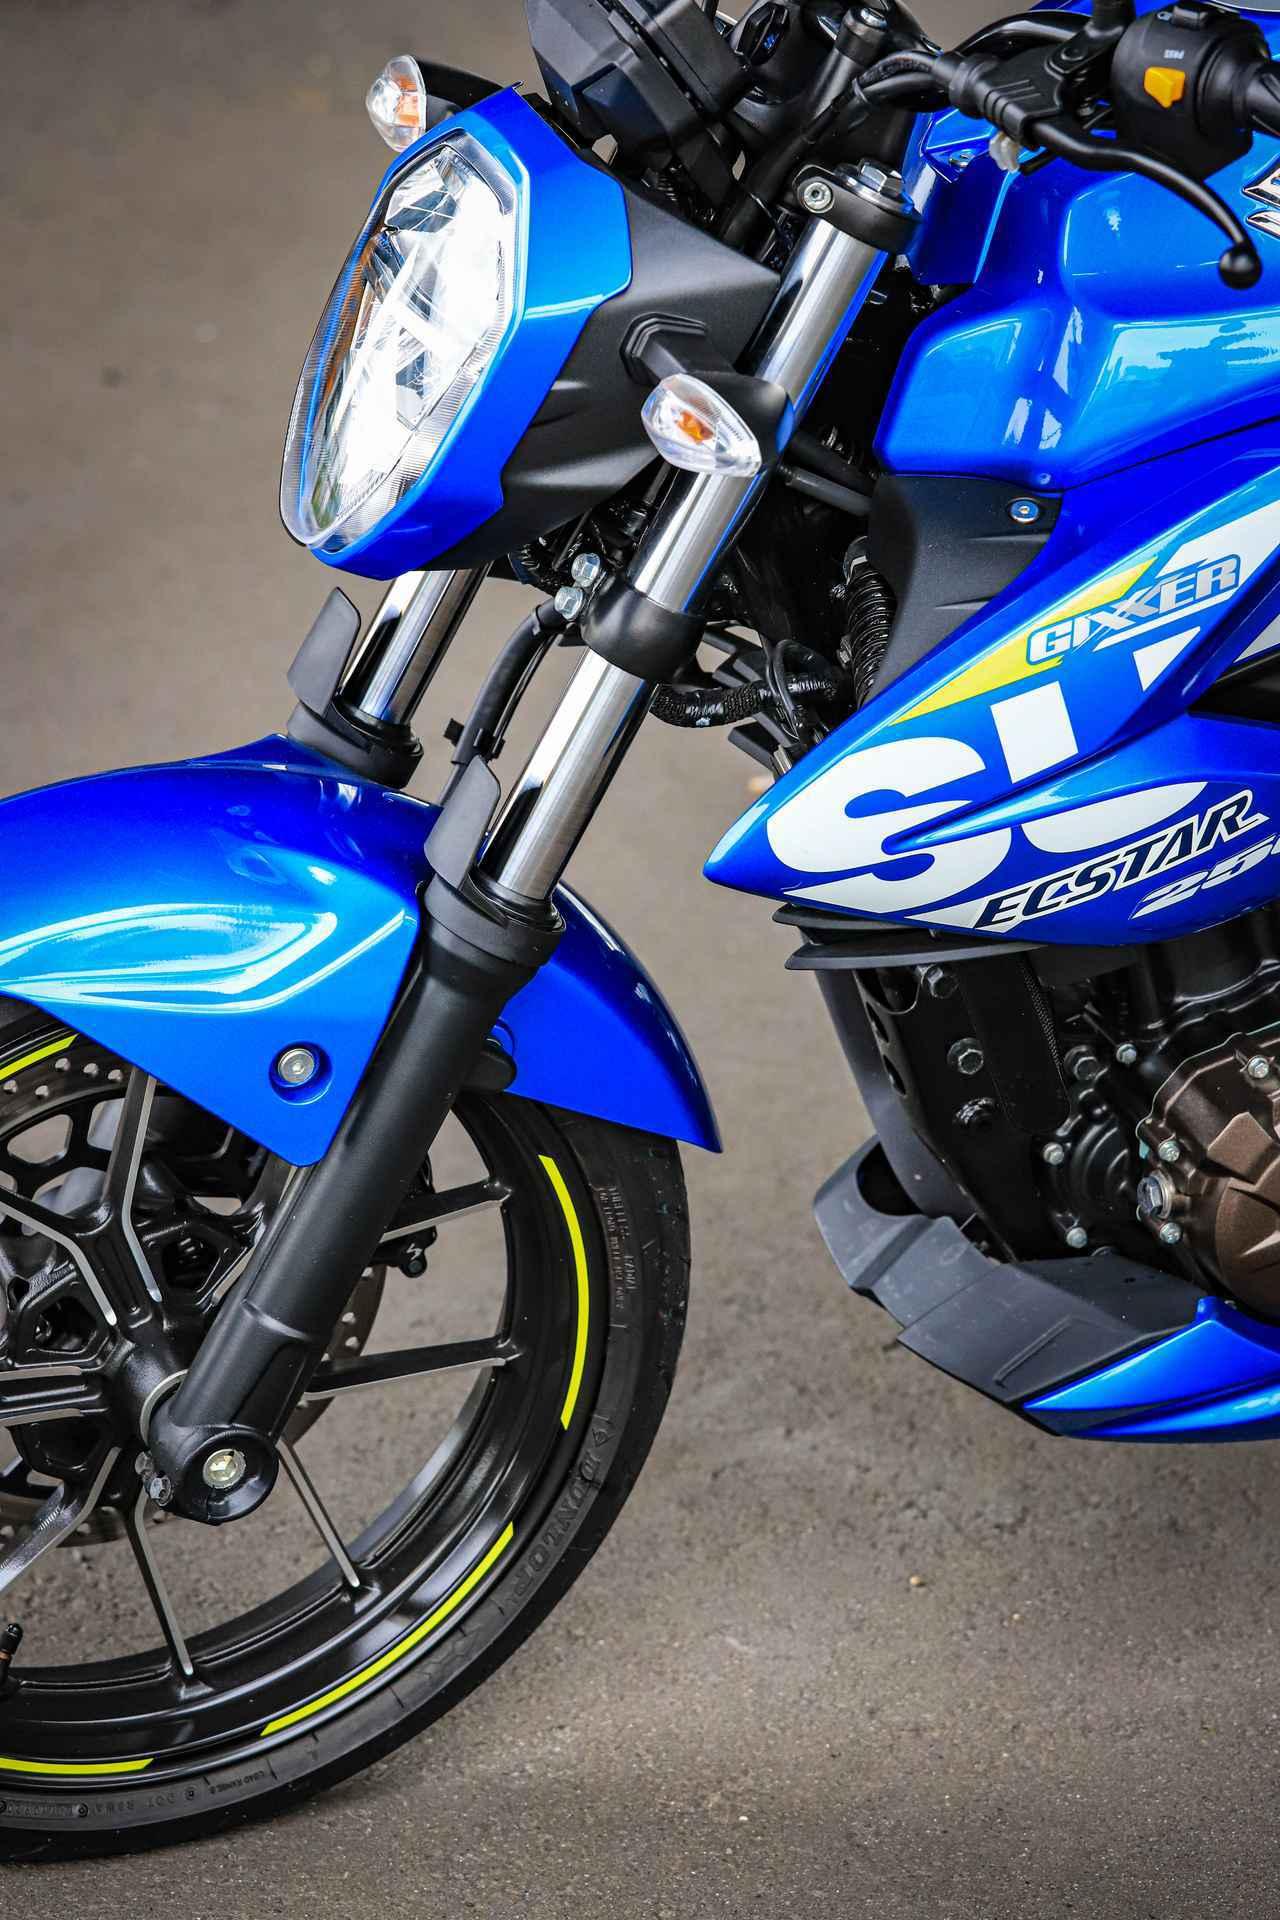 画像: 燃費王『ジクサー150』があれば十分じゃない!?  250ccの『ジクサー250』って、どんな人におすすめできるバイクなんだ?【SUZUKI GIXXER 250/試乗インプレ・レビュー 前編】